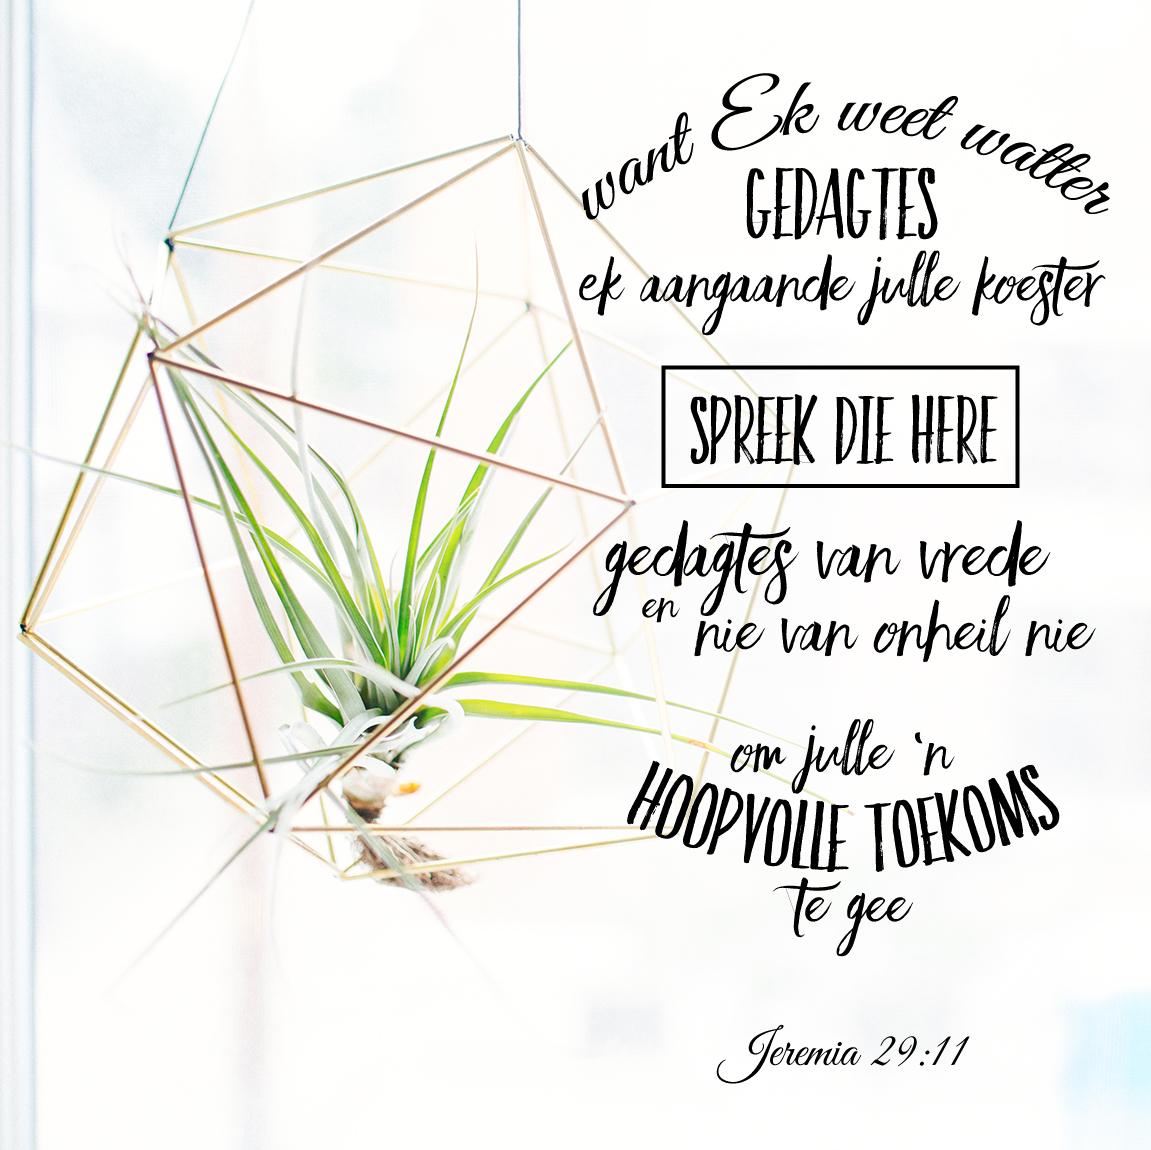 Want Ék weet watter gedagtes Ek aangaande julle koester, spreek die Here , gedagtes van vrede en nie van onheil nie, om julle 'n hoopvolle toekoms te gee. JEREMIA 29:11 #afrikaans #bybelvers